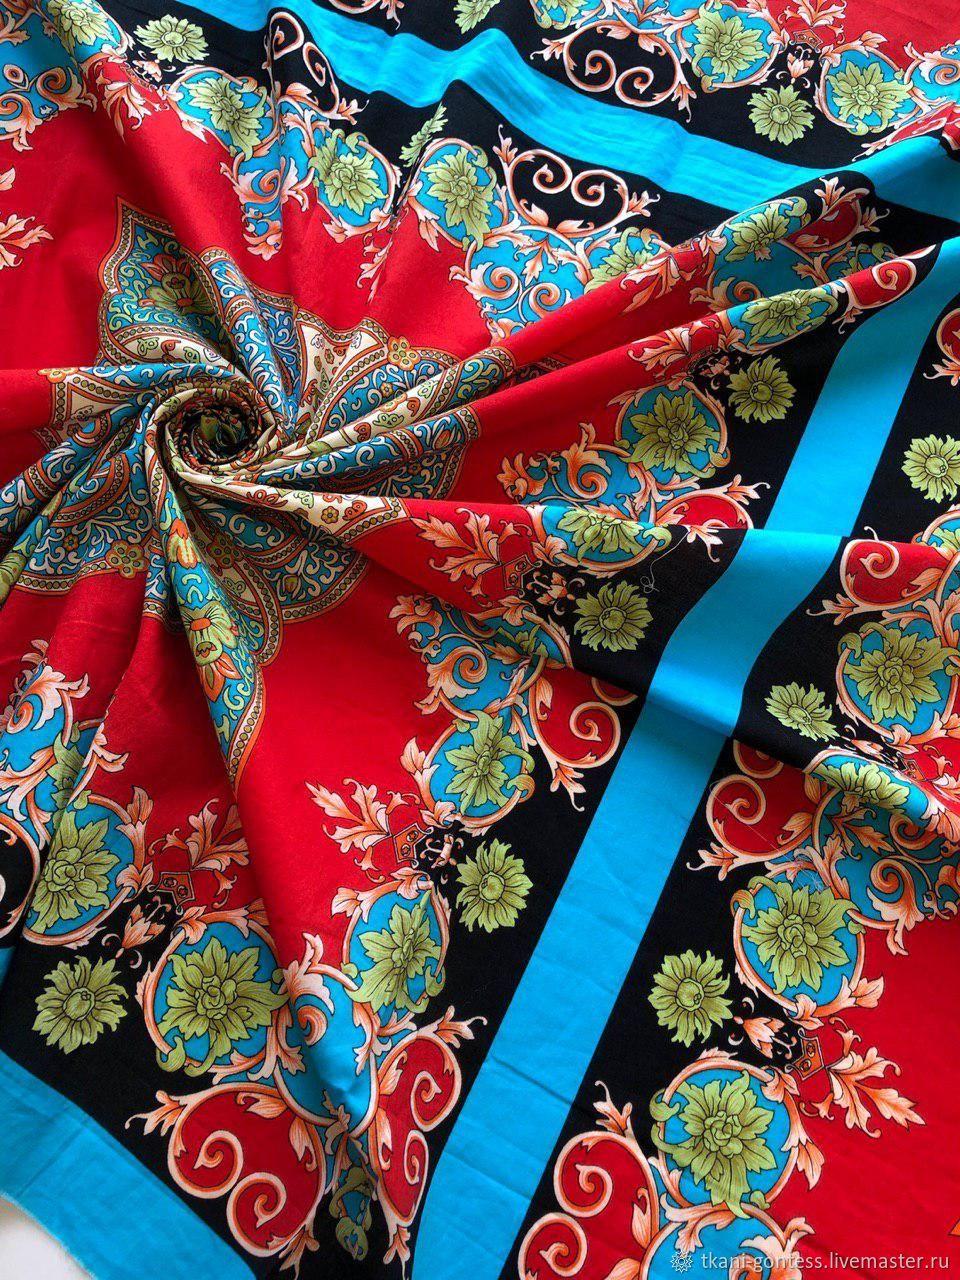 Шитье ручной работы. Ярмарка Мастеров - ручная работа. Купить Потрясающий, яркий хлопок. Handmade. Итальянский хлопок, ткань из италии